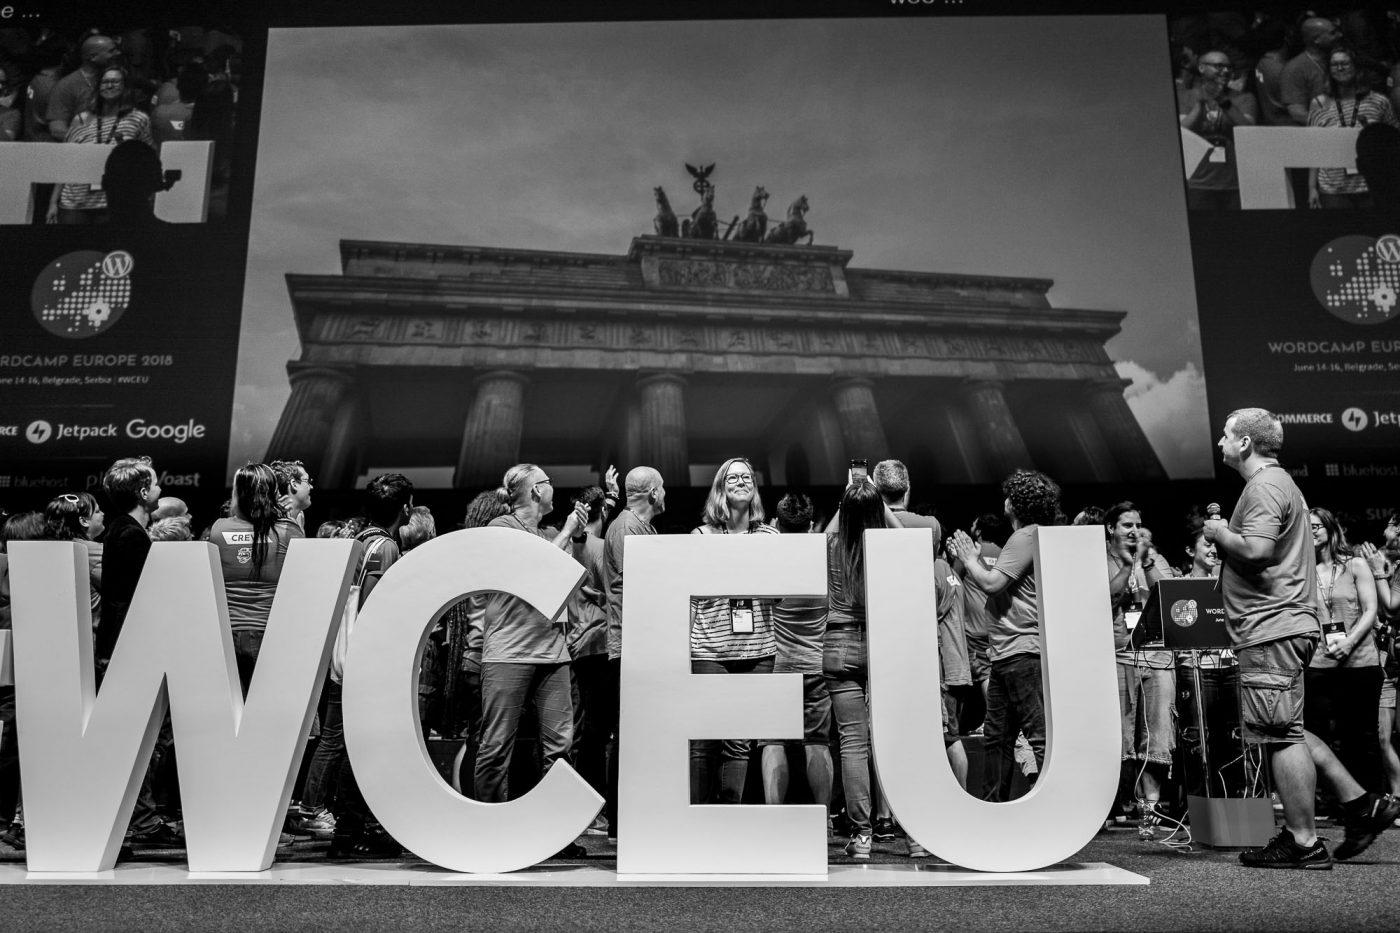 Die Organisatoren enthüllen die Location des nächsten WordCamp Europe's 2019: Berlin